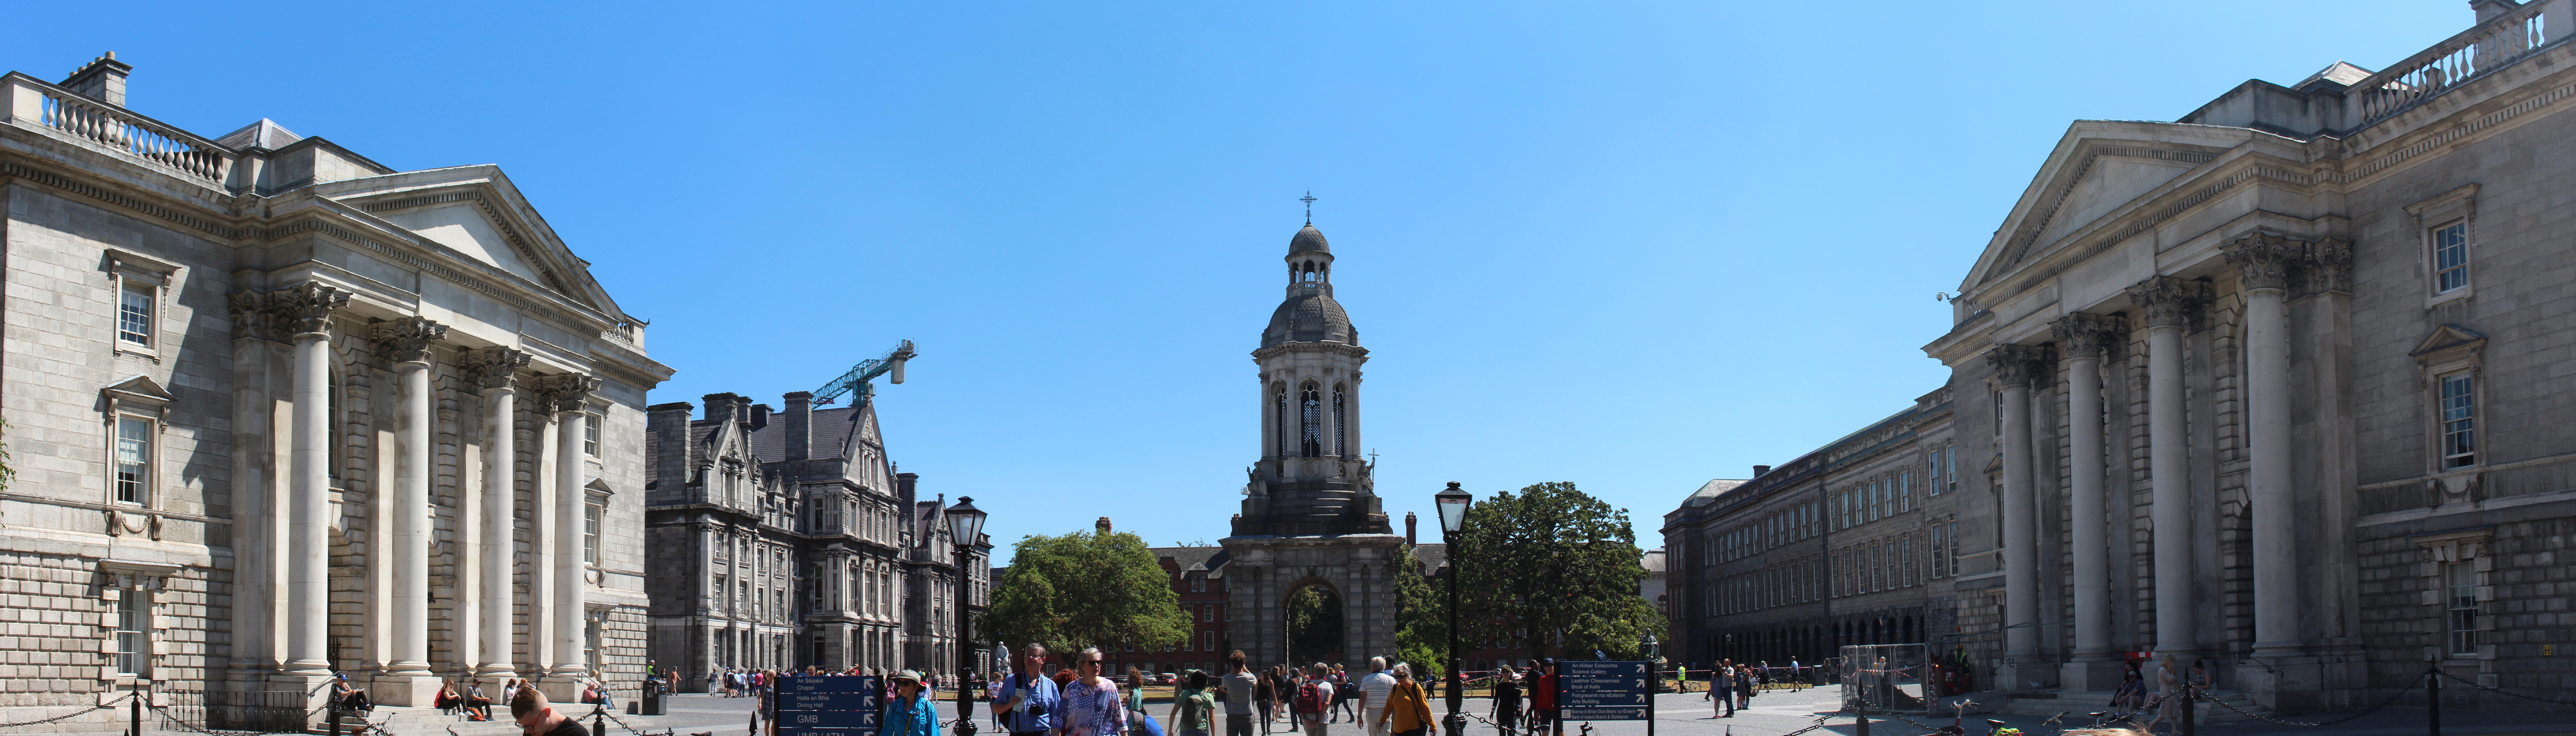 File:Dublin - Trinity College Dublin - 20180703132210 jpg